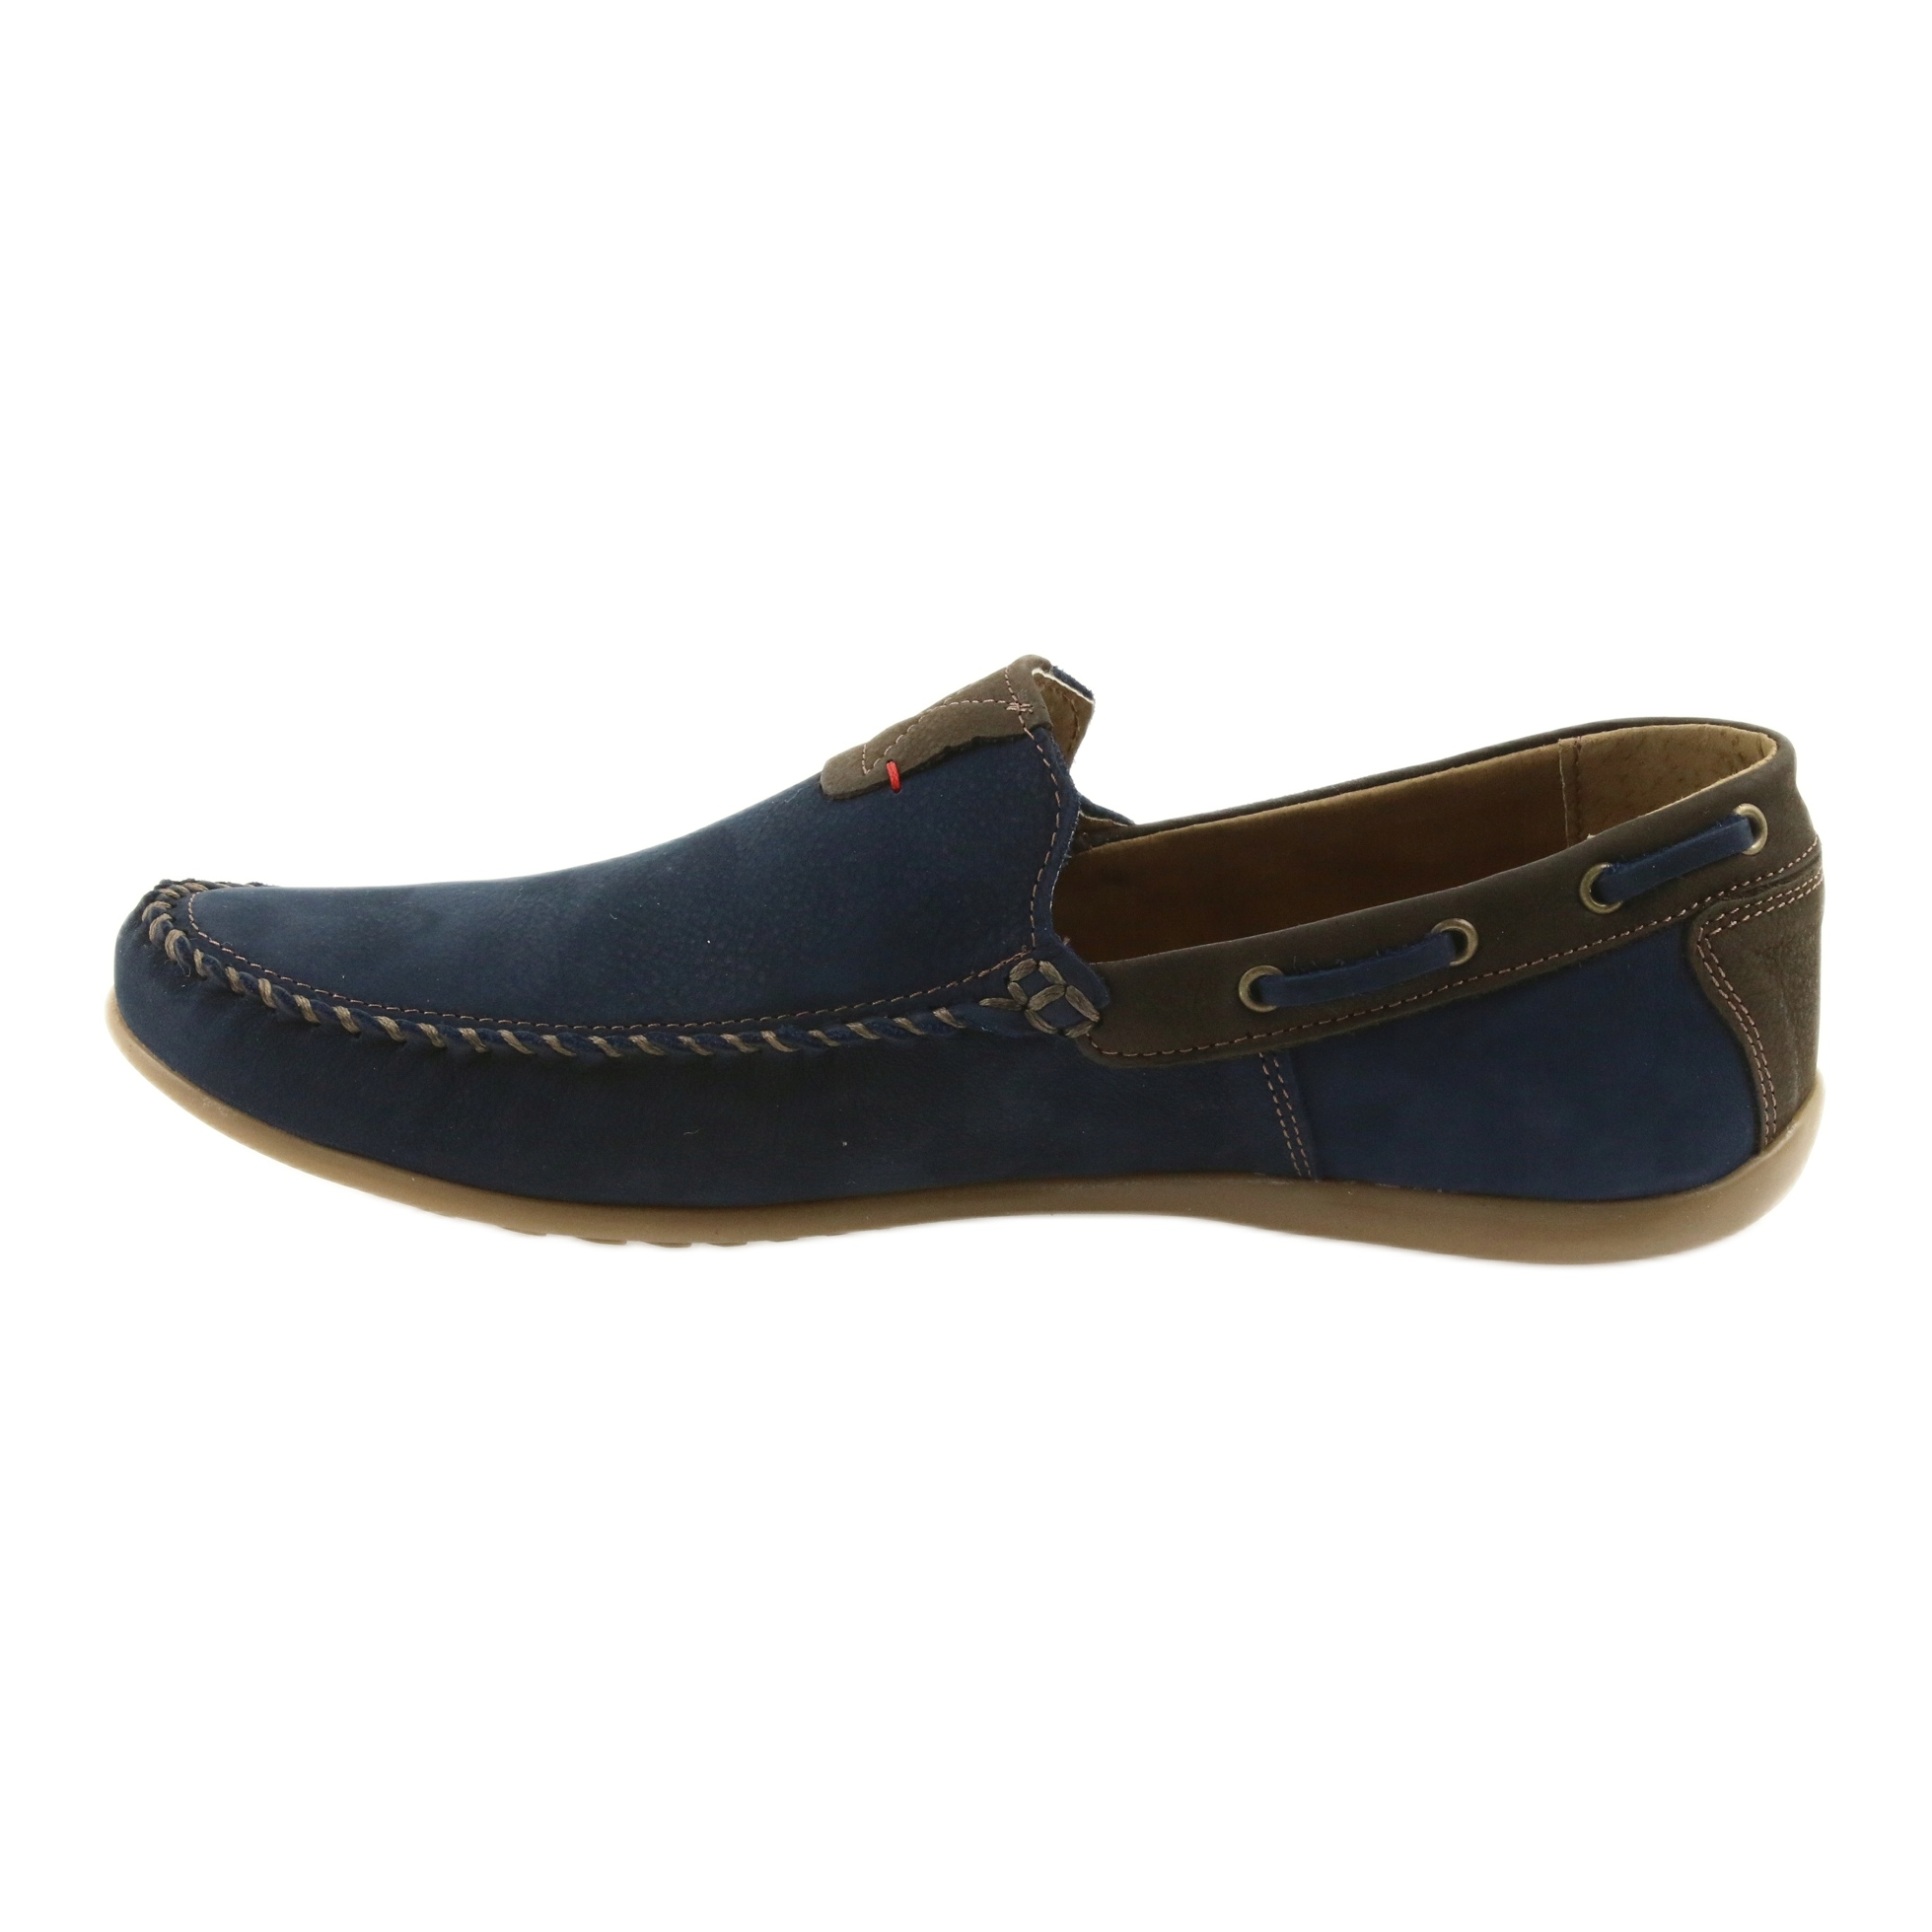 Riko mocassim sapatos homens azul 781 ButyModne.pl